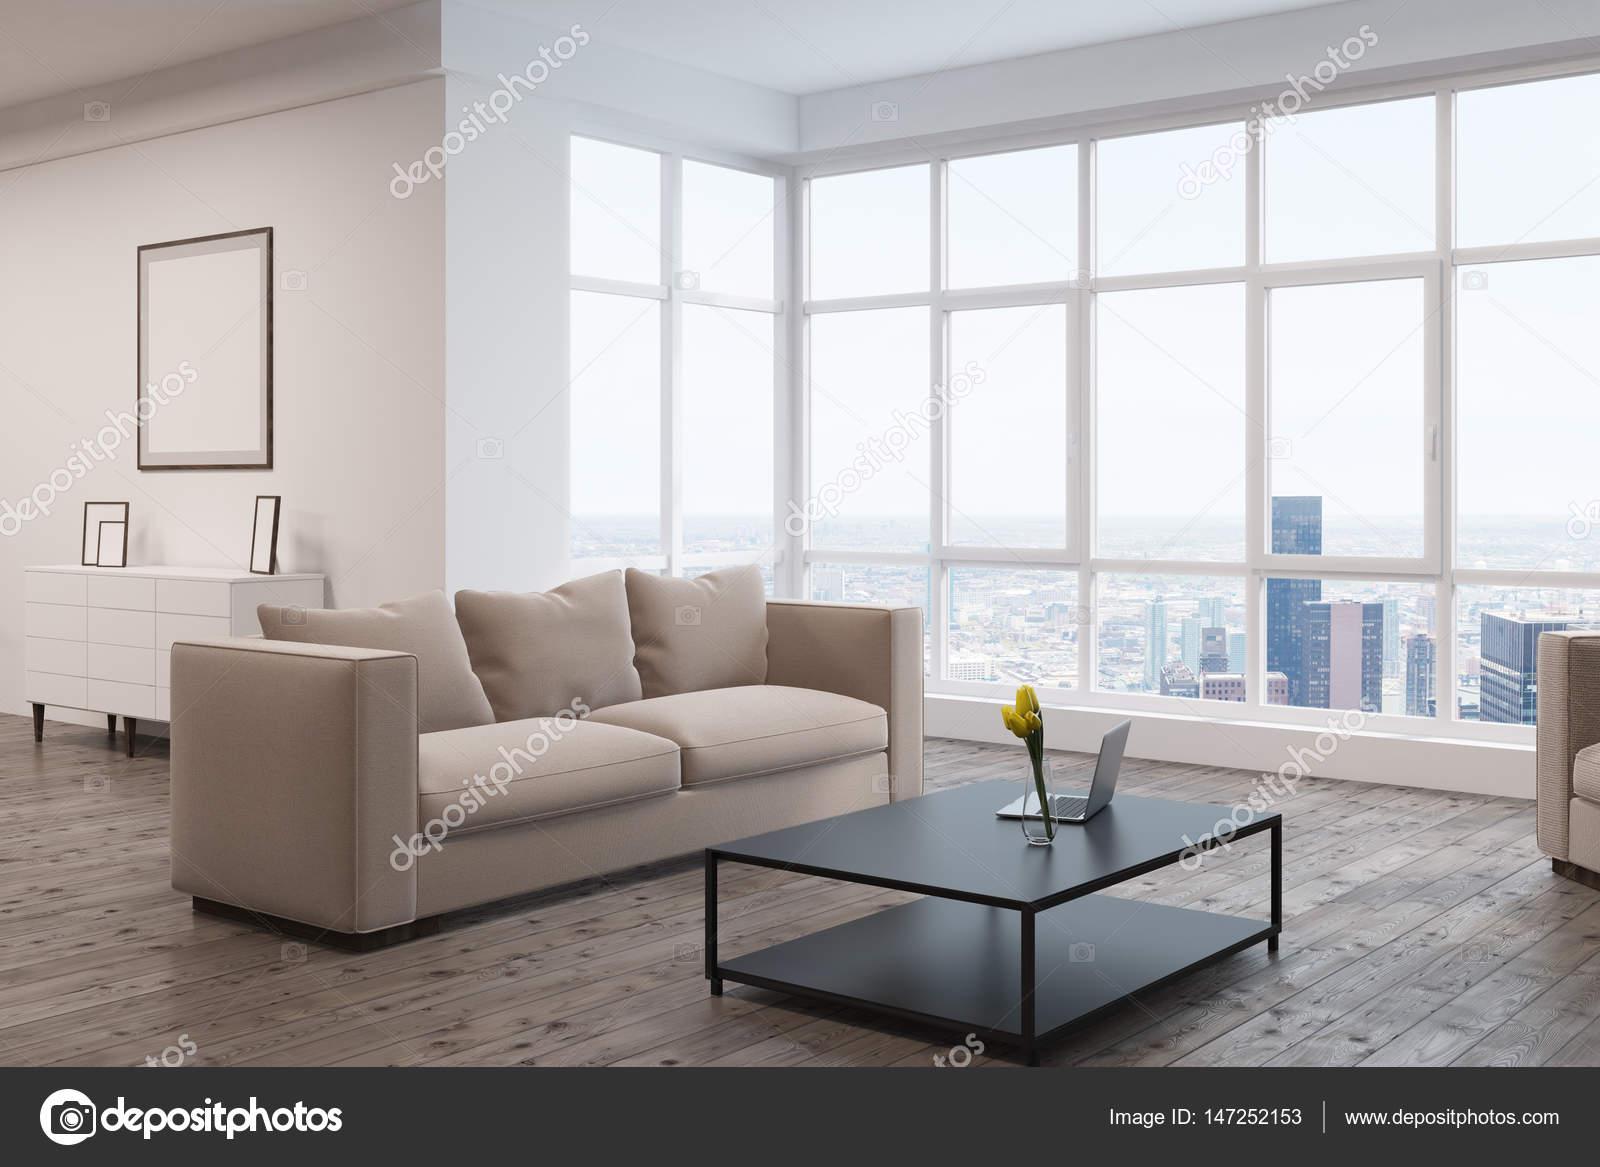 Soggiorno con divano e finestra u2014 foto stock © denisismagilov #147252153